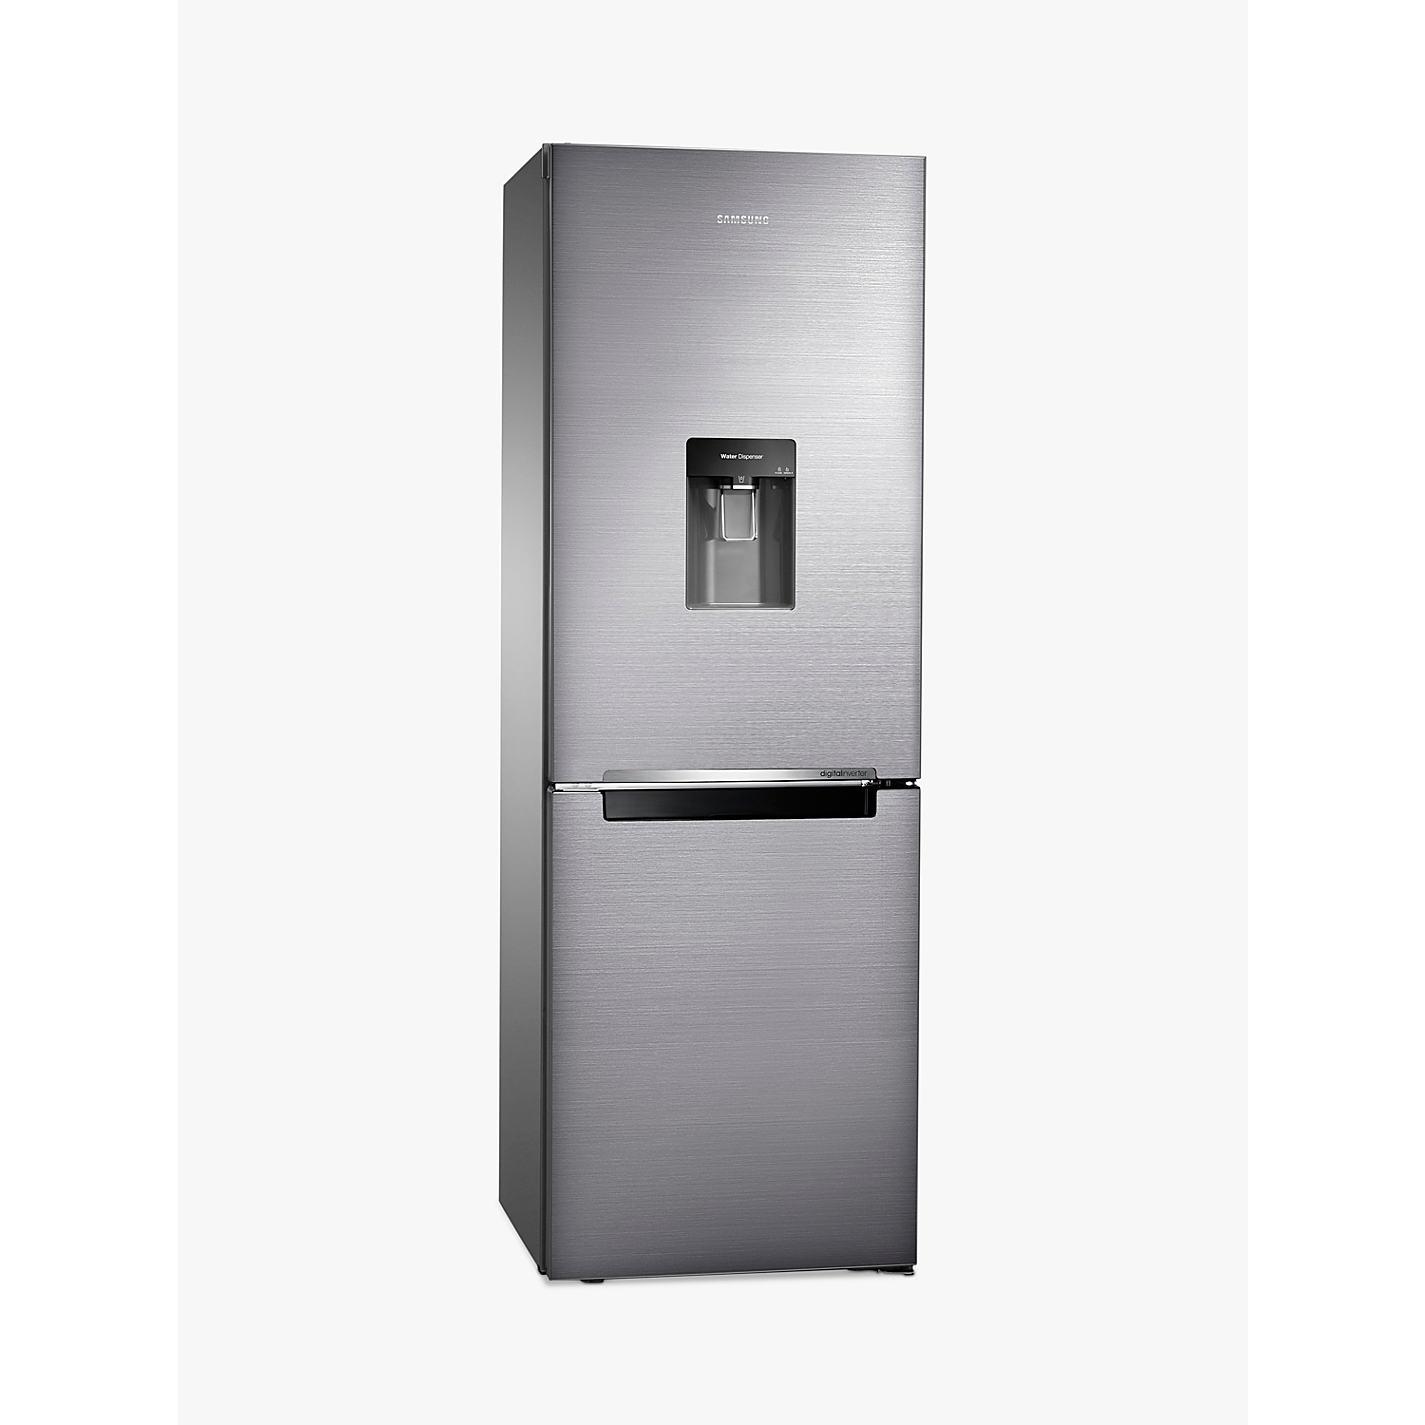 samsung fridge freezer. buy samsung rb29fwrndss fridge freezer, brushed steel online at johnlewis.com freezer i